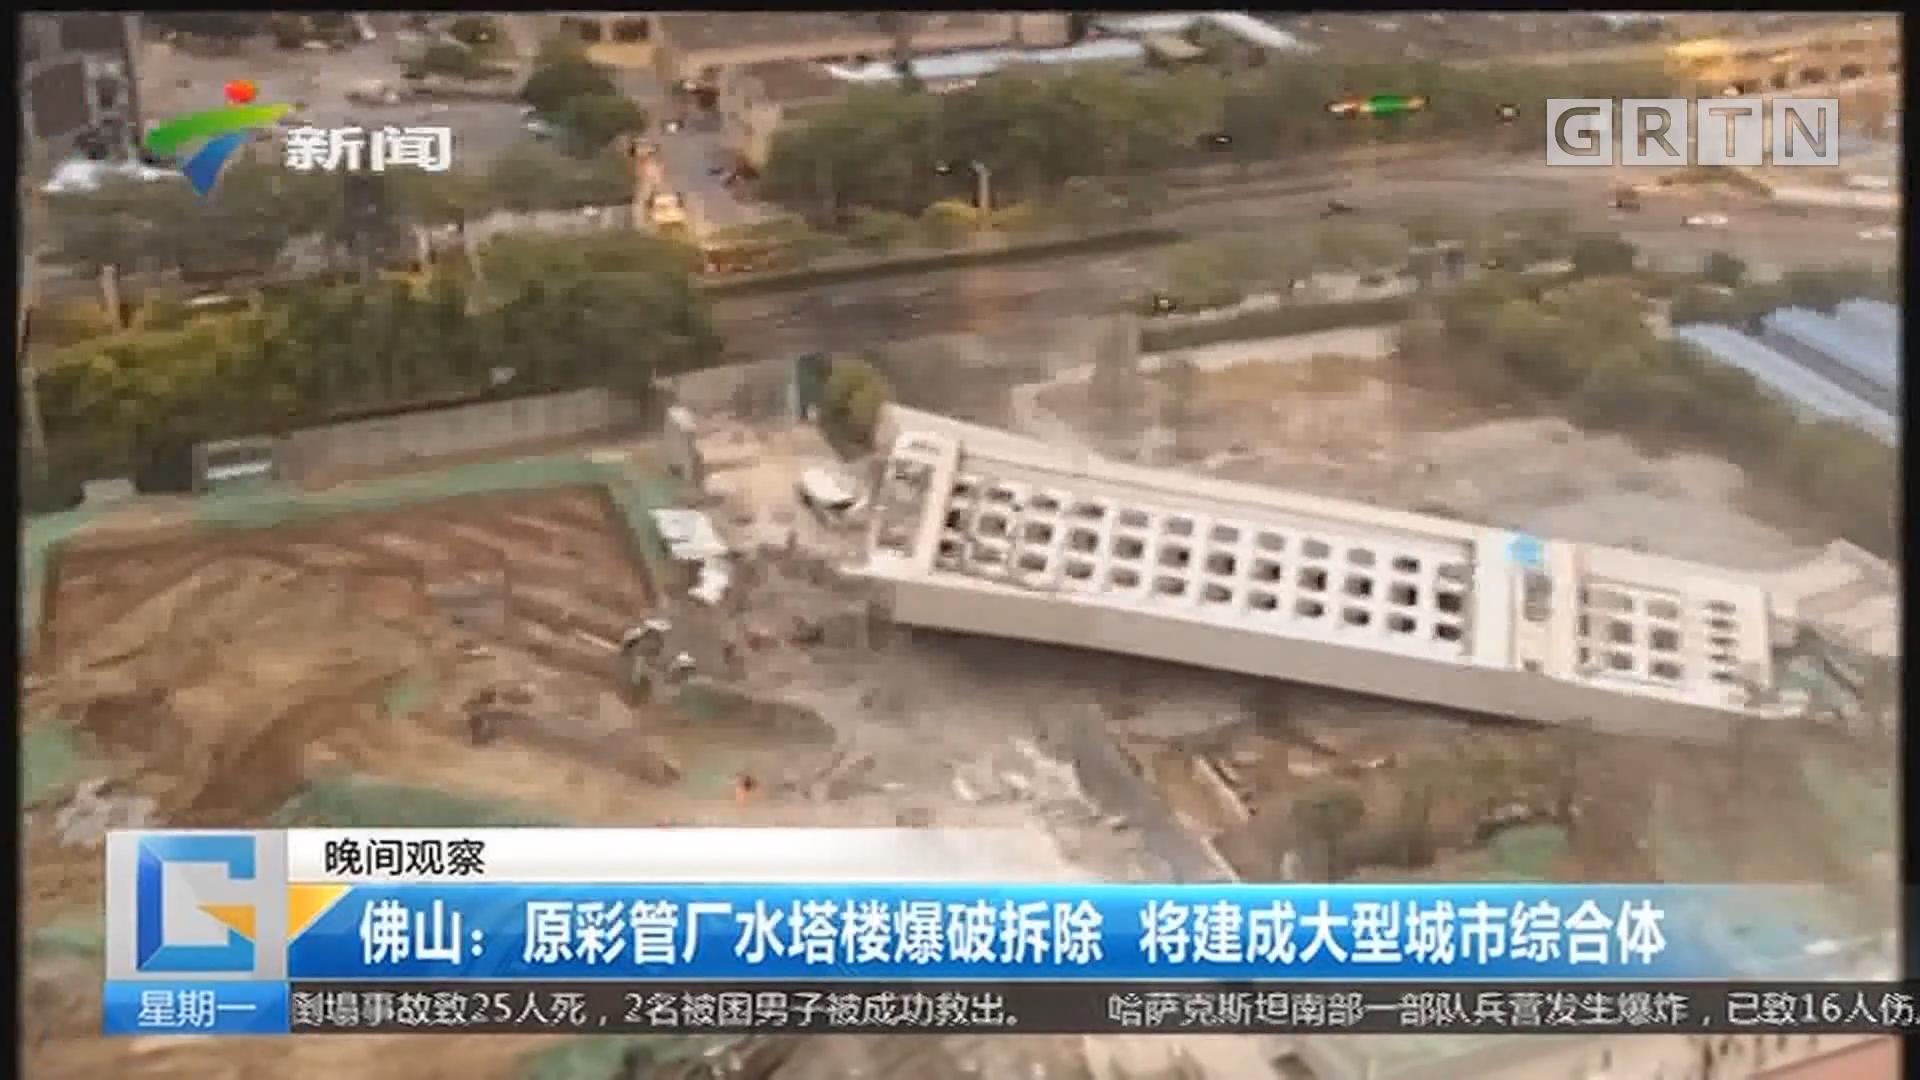 佛山:原彩管厂水塔楼爆破拆除 将建成大型城市综合体